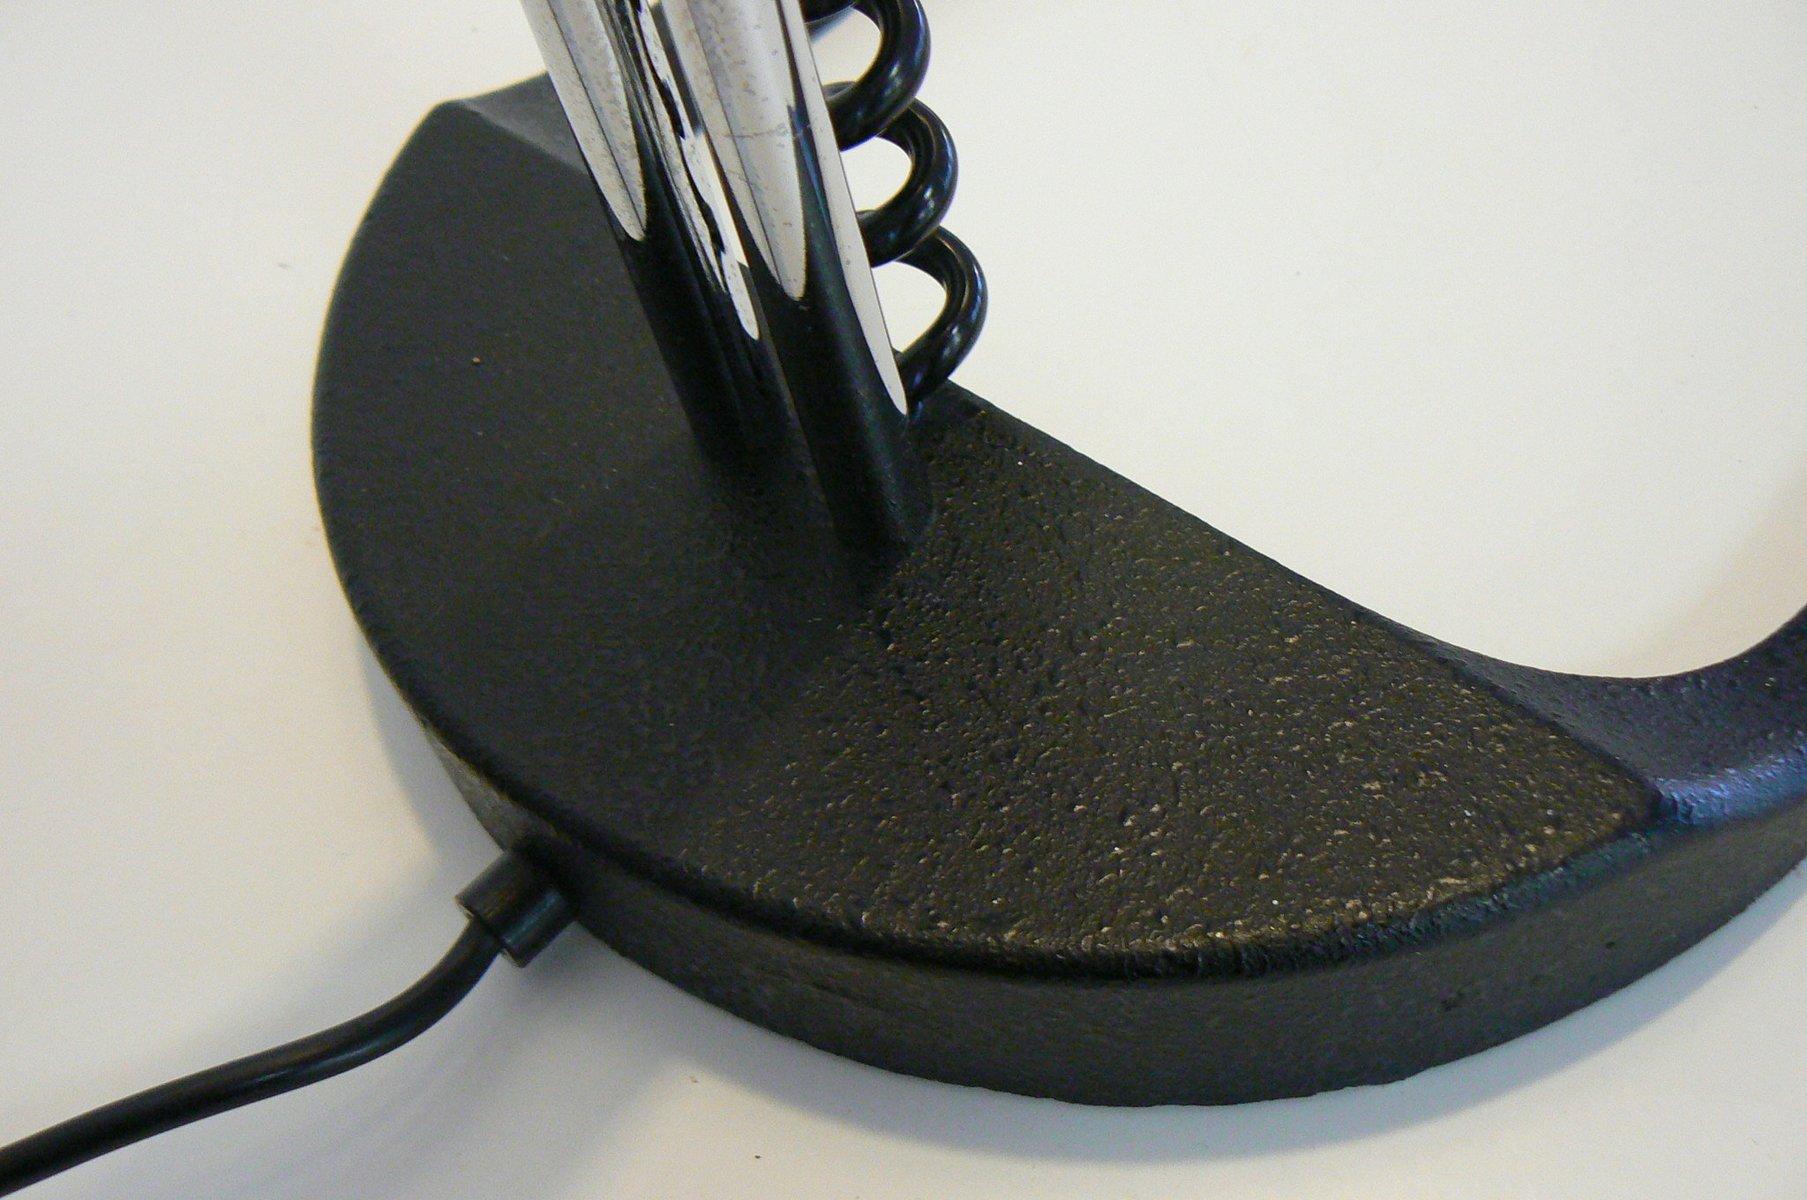 stehlampe mit lampenschirm aus kork von staff bei pamono kaufen. Black Bedroom Furniture Sets. Home Design Ideas